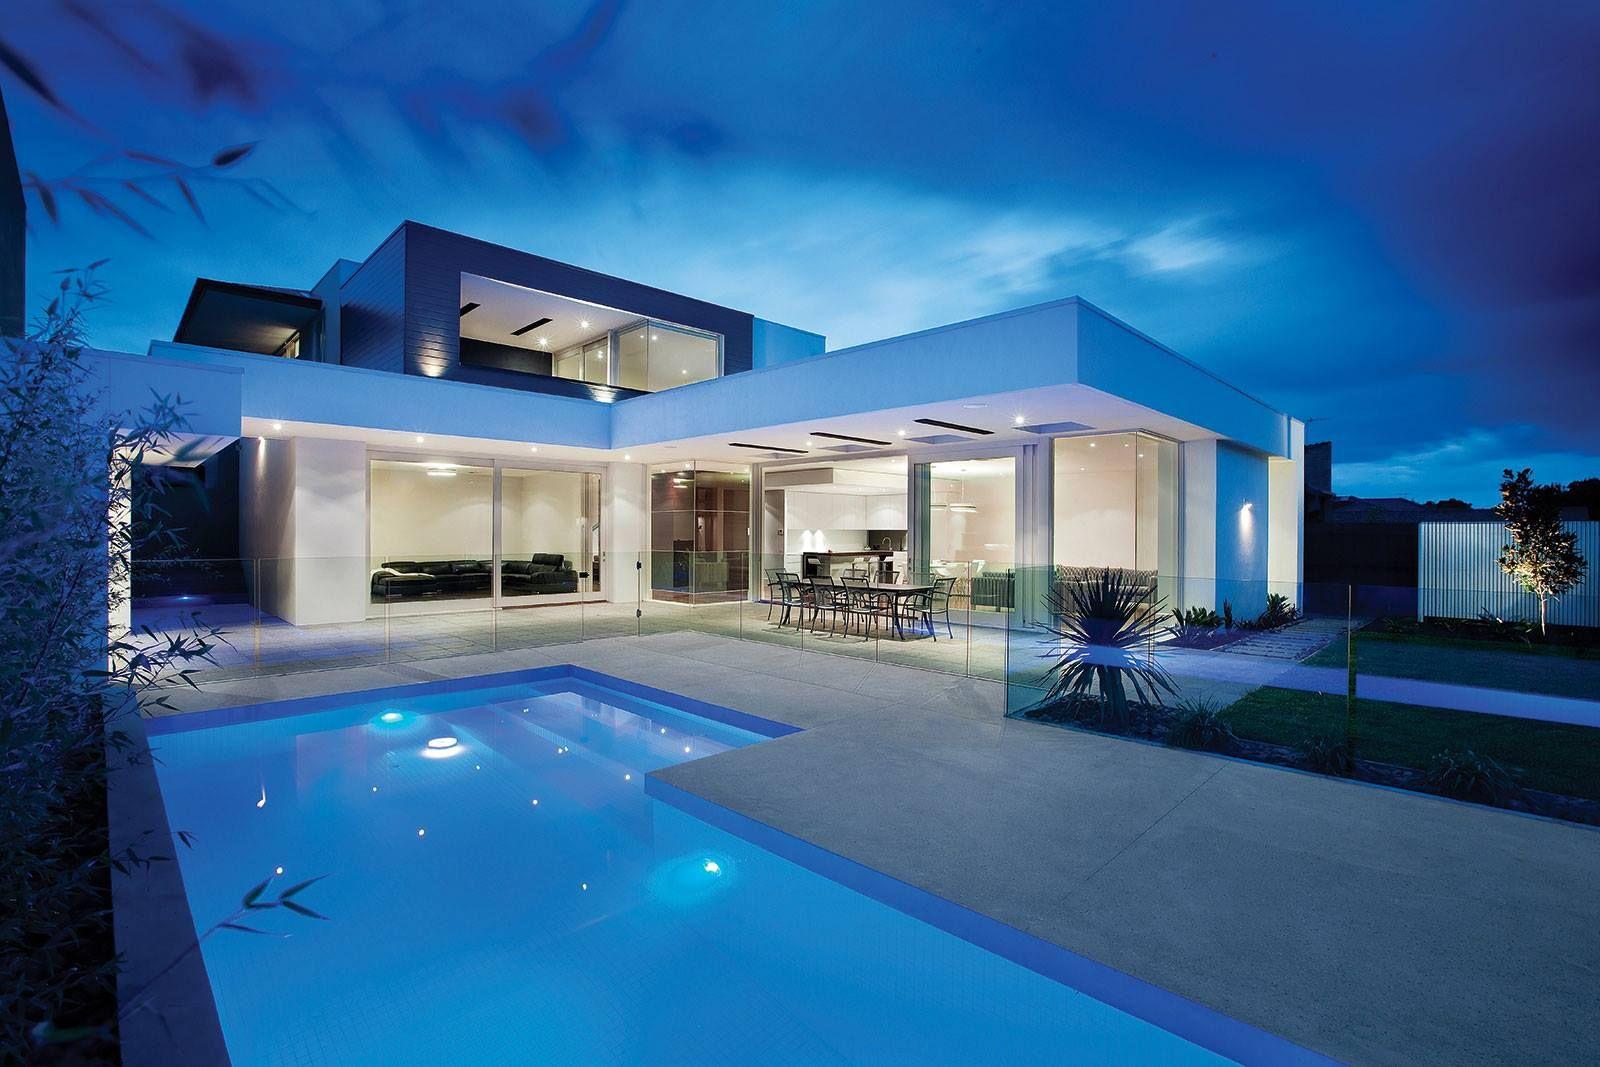 villa luxe moderne - Recherche Google | Extérieur Moderne ...